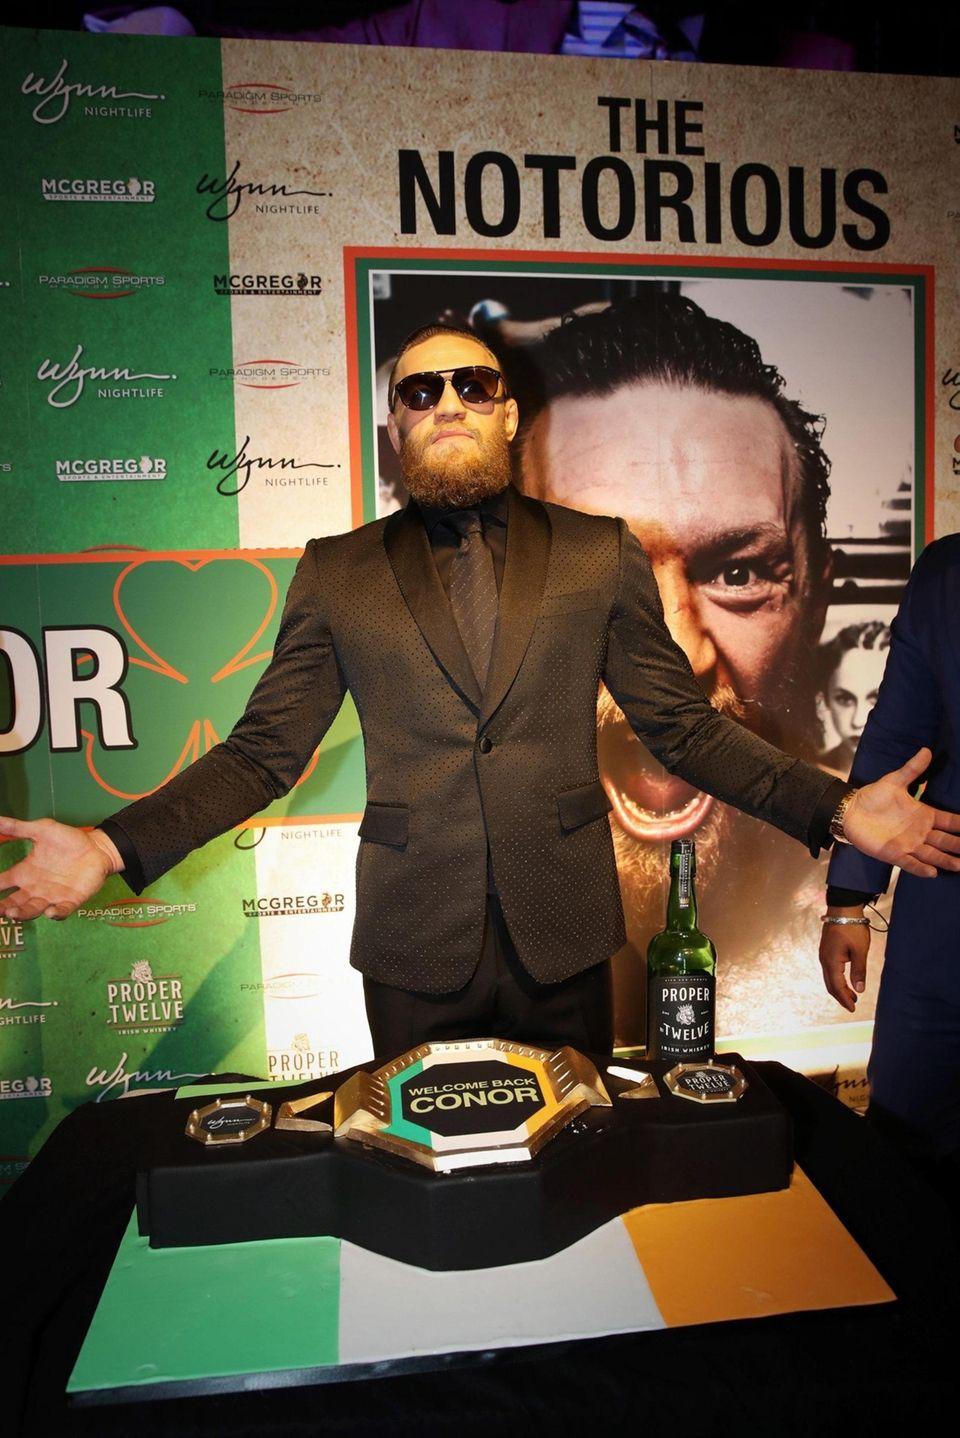 Conor McGregor continued his Las Vegas residency with